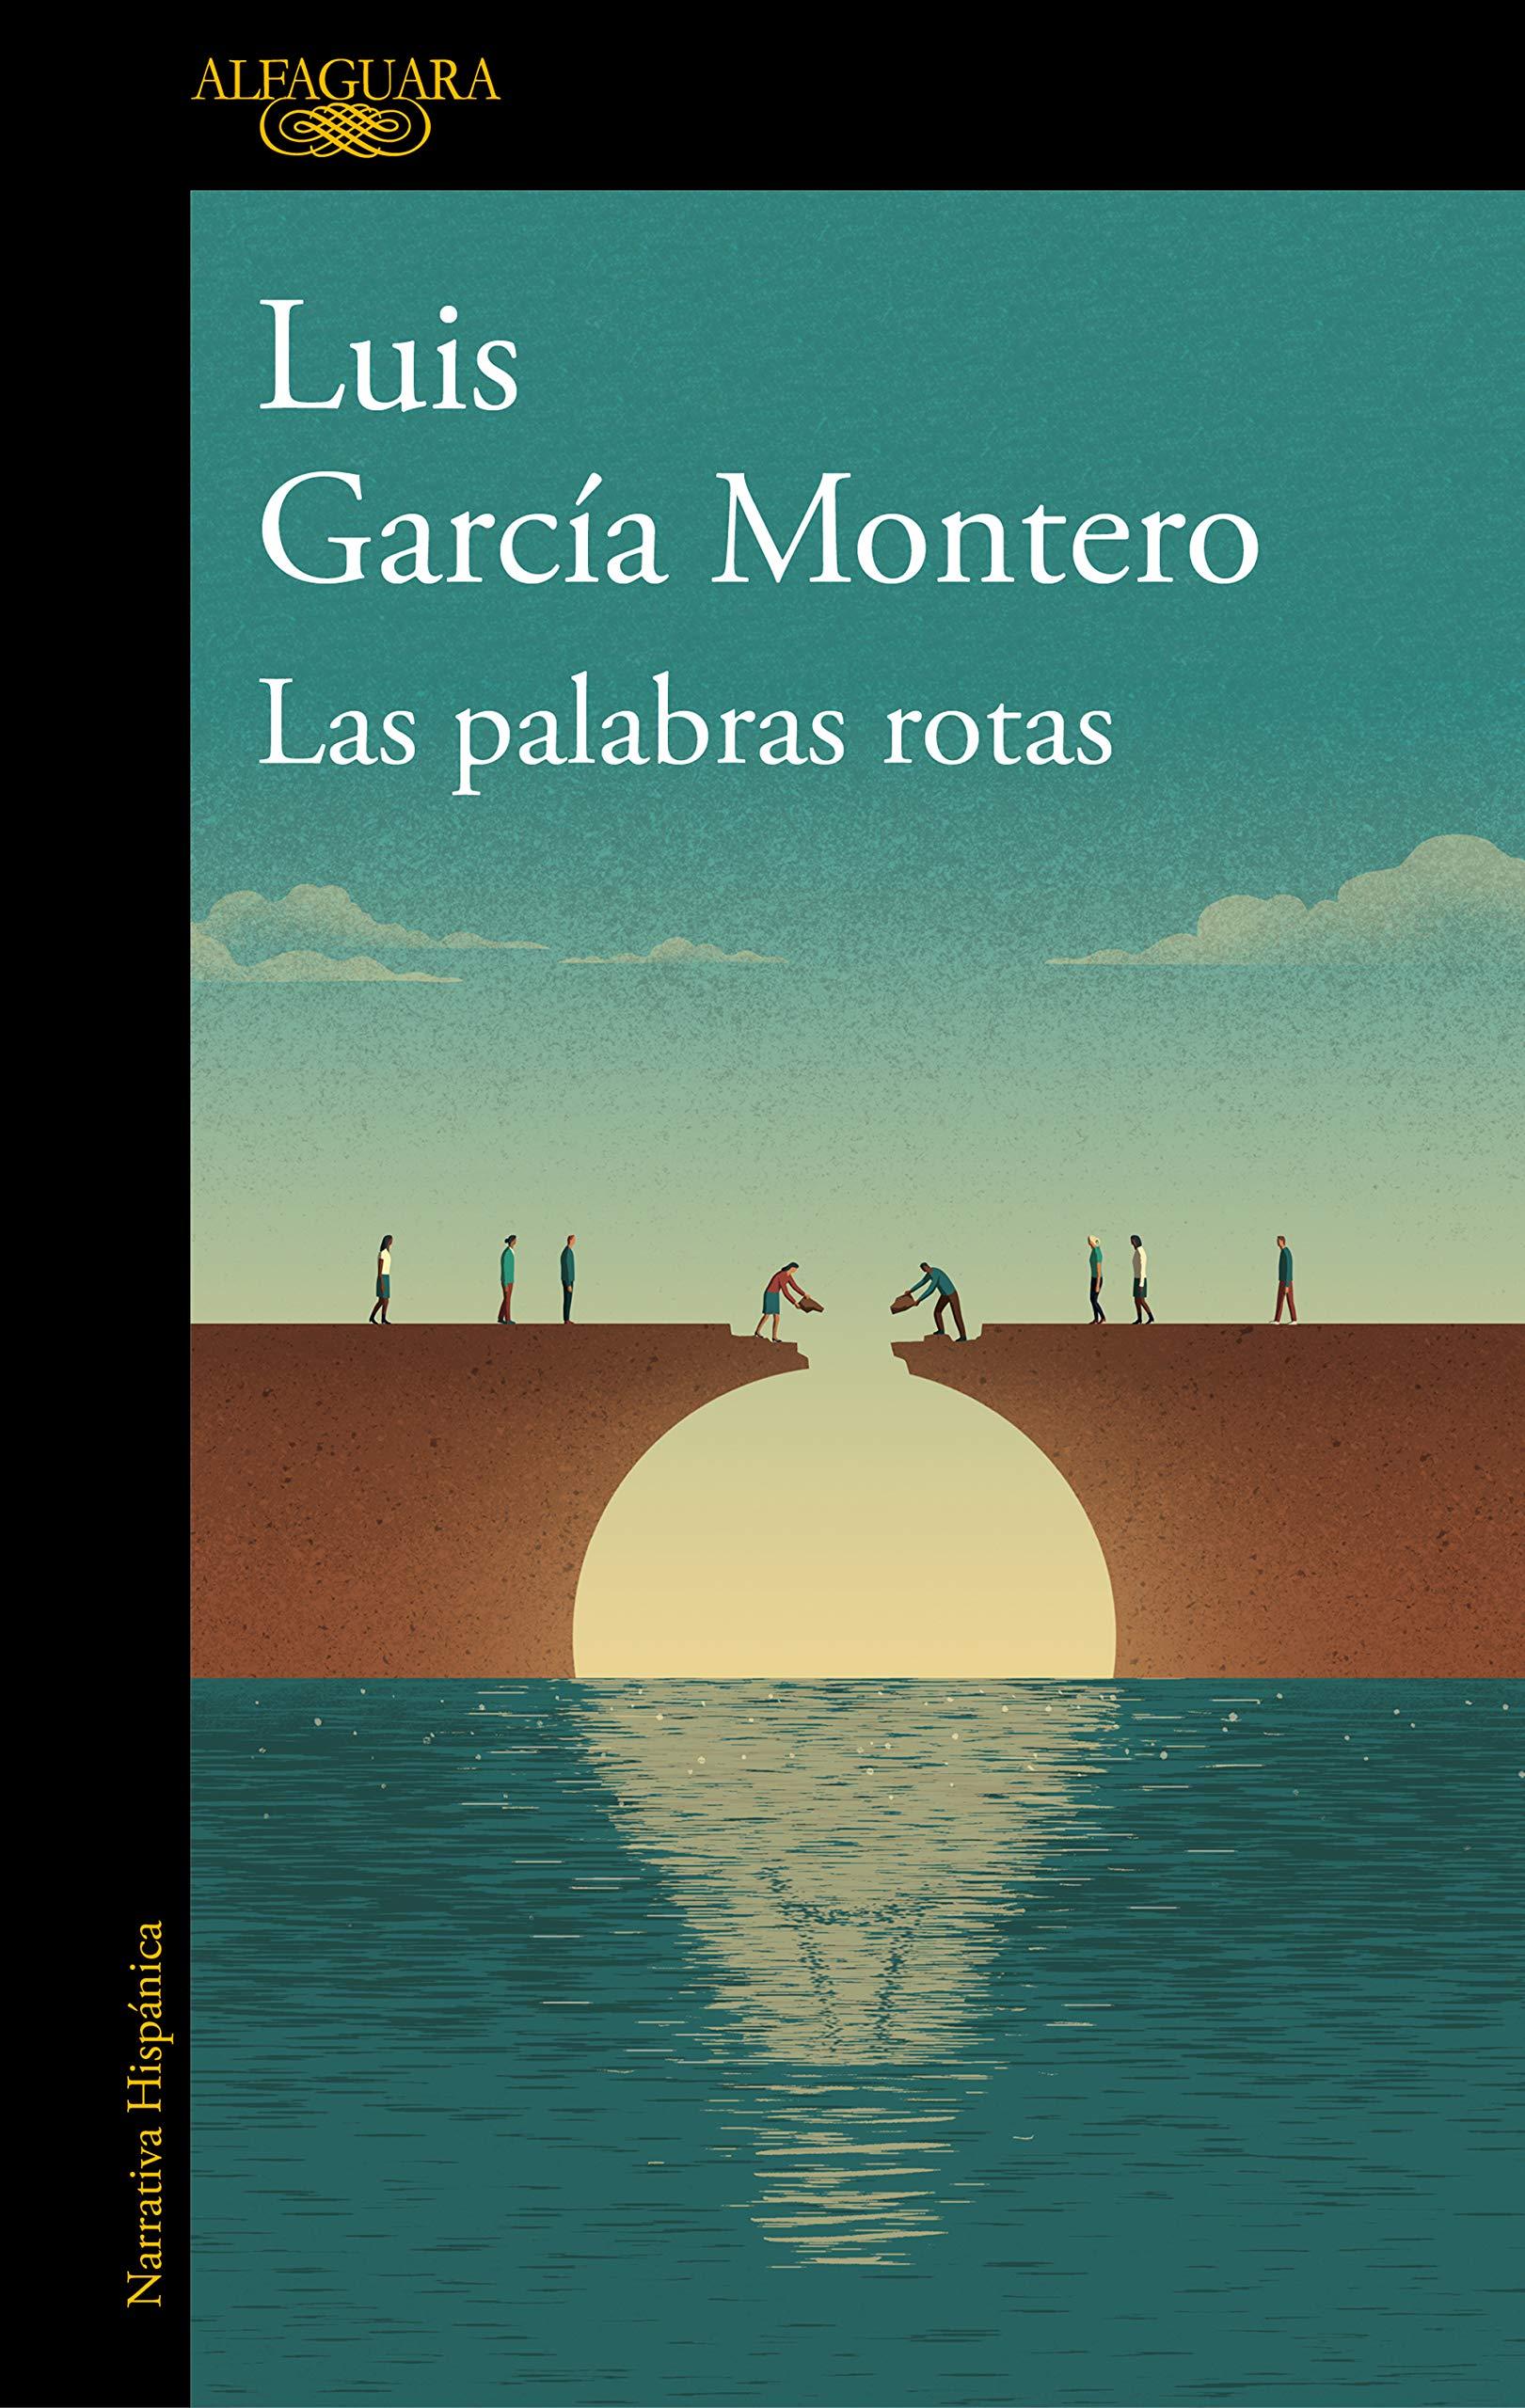 Las palabras rotas (Luis García Montero, 2019)